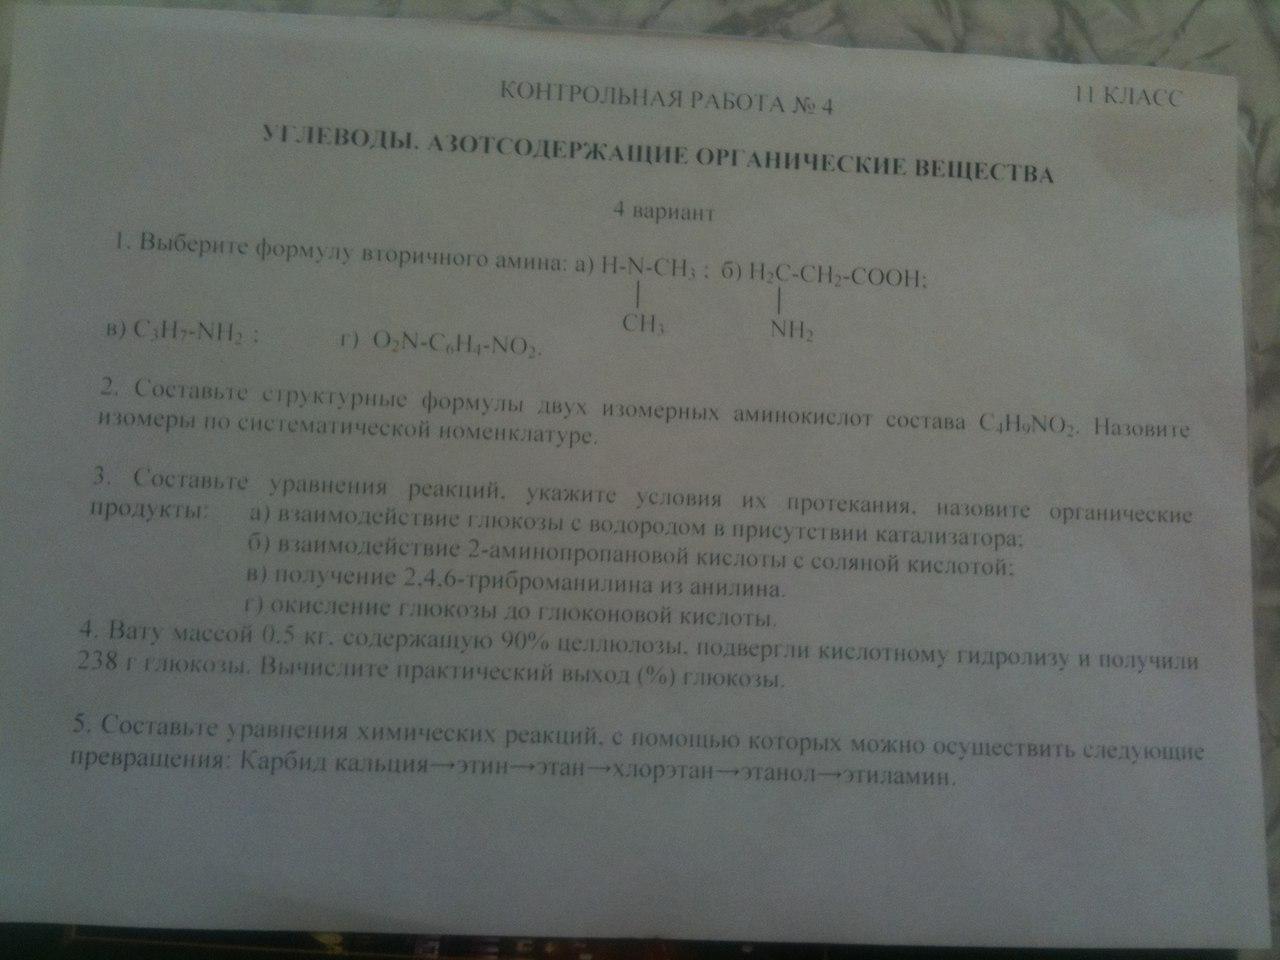 Химия...все варианты контрольных работ, последний залп, нужна ваша помощь, с химией не силён я, вот и надеюсь на помощь Вашу!!задания в файлах